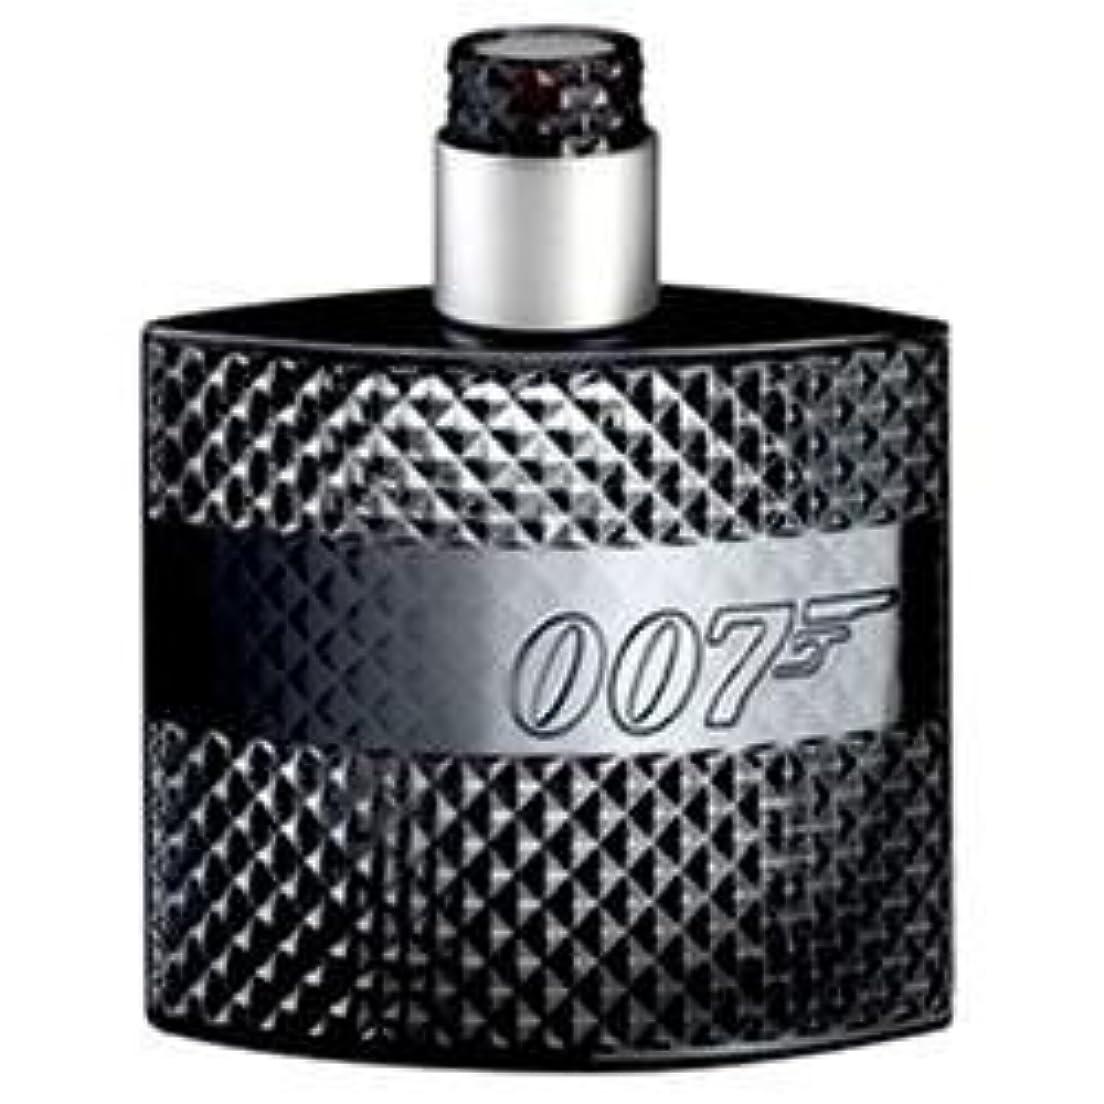 出血マウンド収縮James Bond 007 (ジェームス ボンド 007) 1.7 oz (50ml) Aftershave Spray by Eon Productions for Men